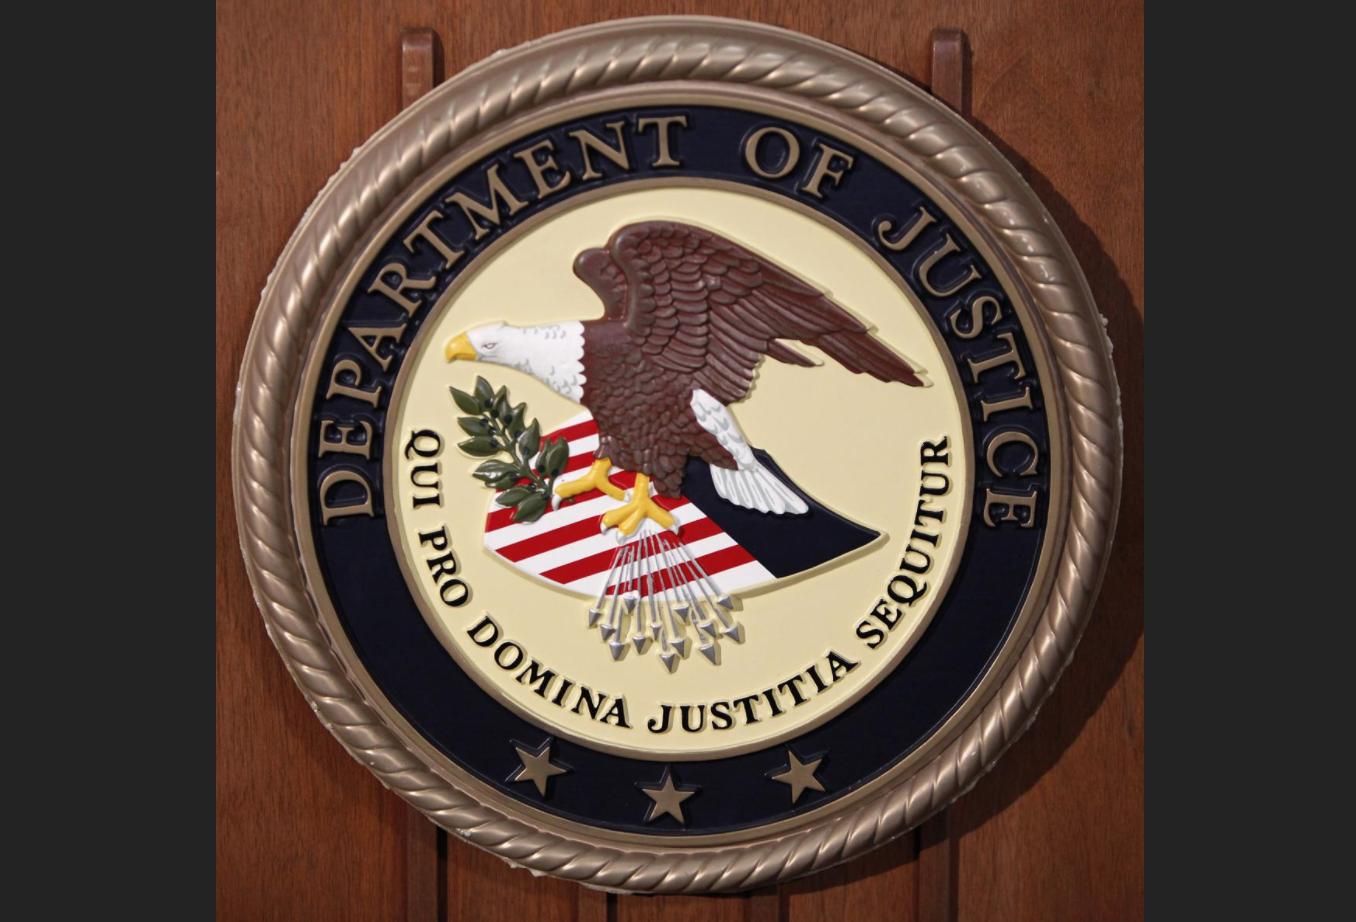 Hoa Kỳ tố cáo ngân hàng của chínhquyềnBắc Hàn vi phạm lệnh trừng phạt